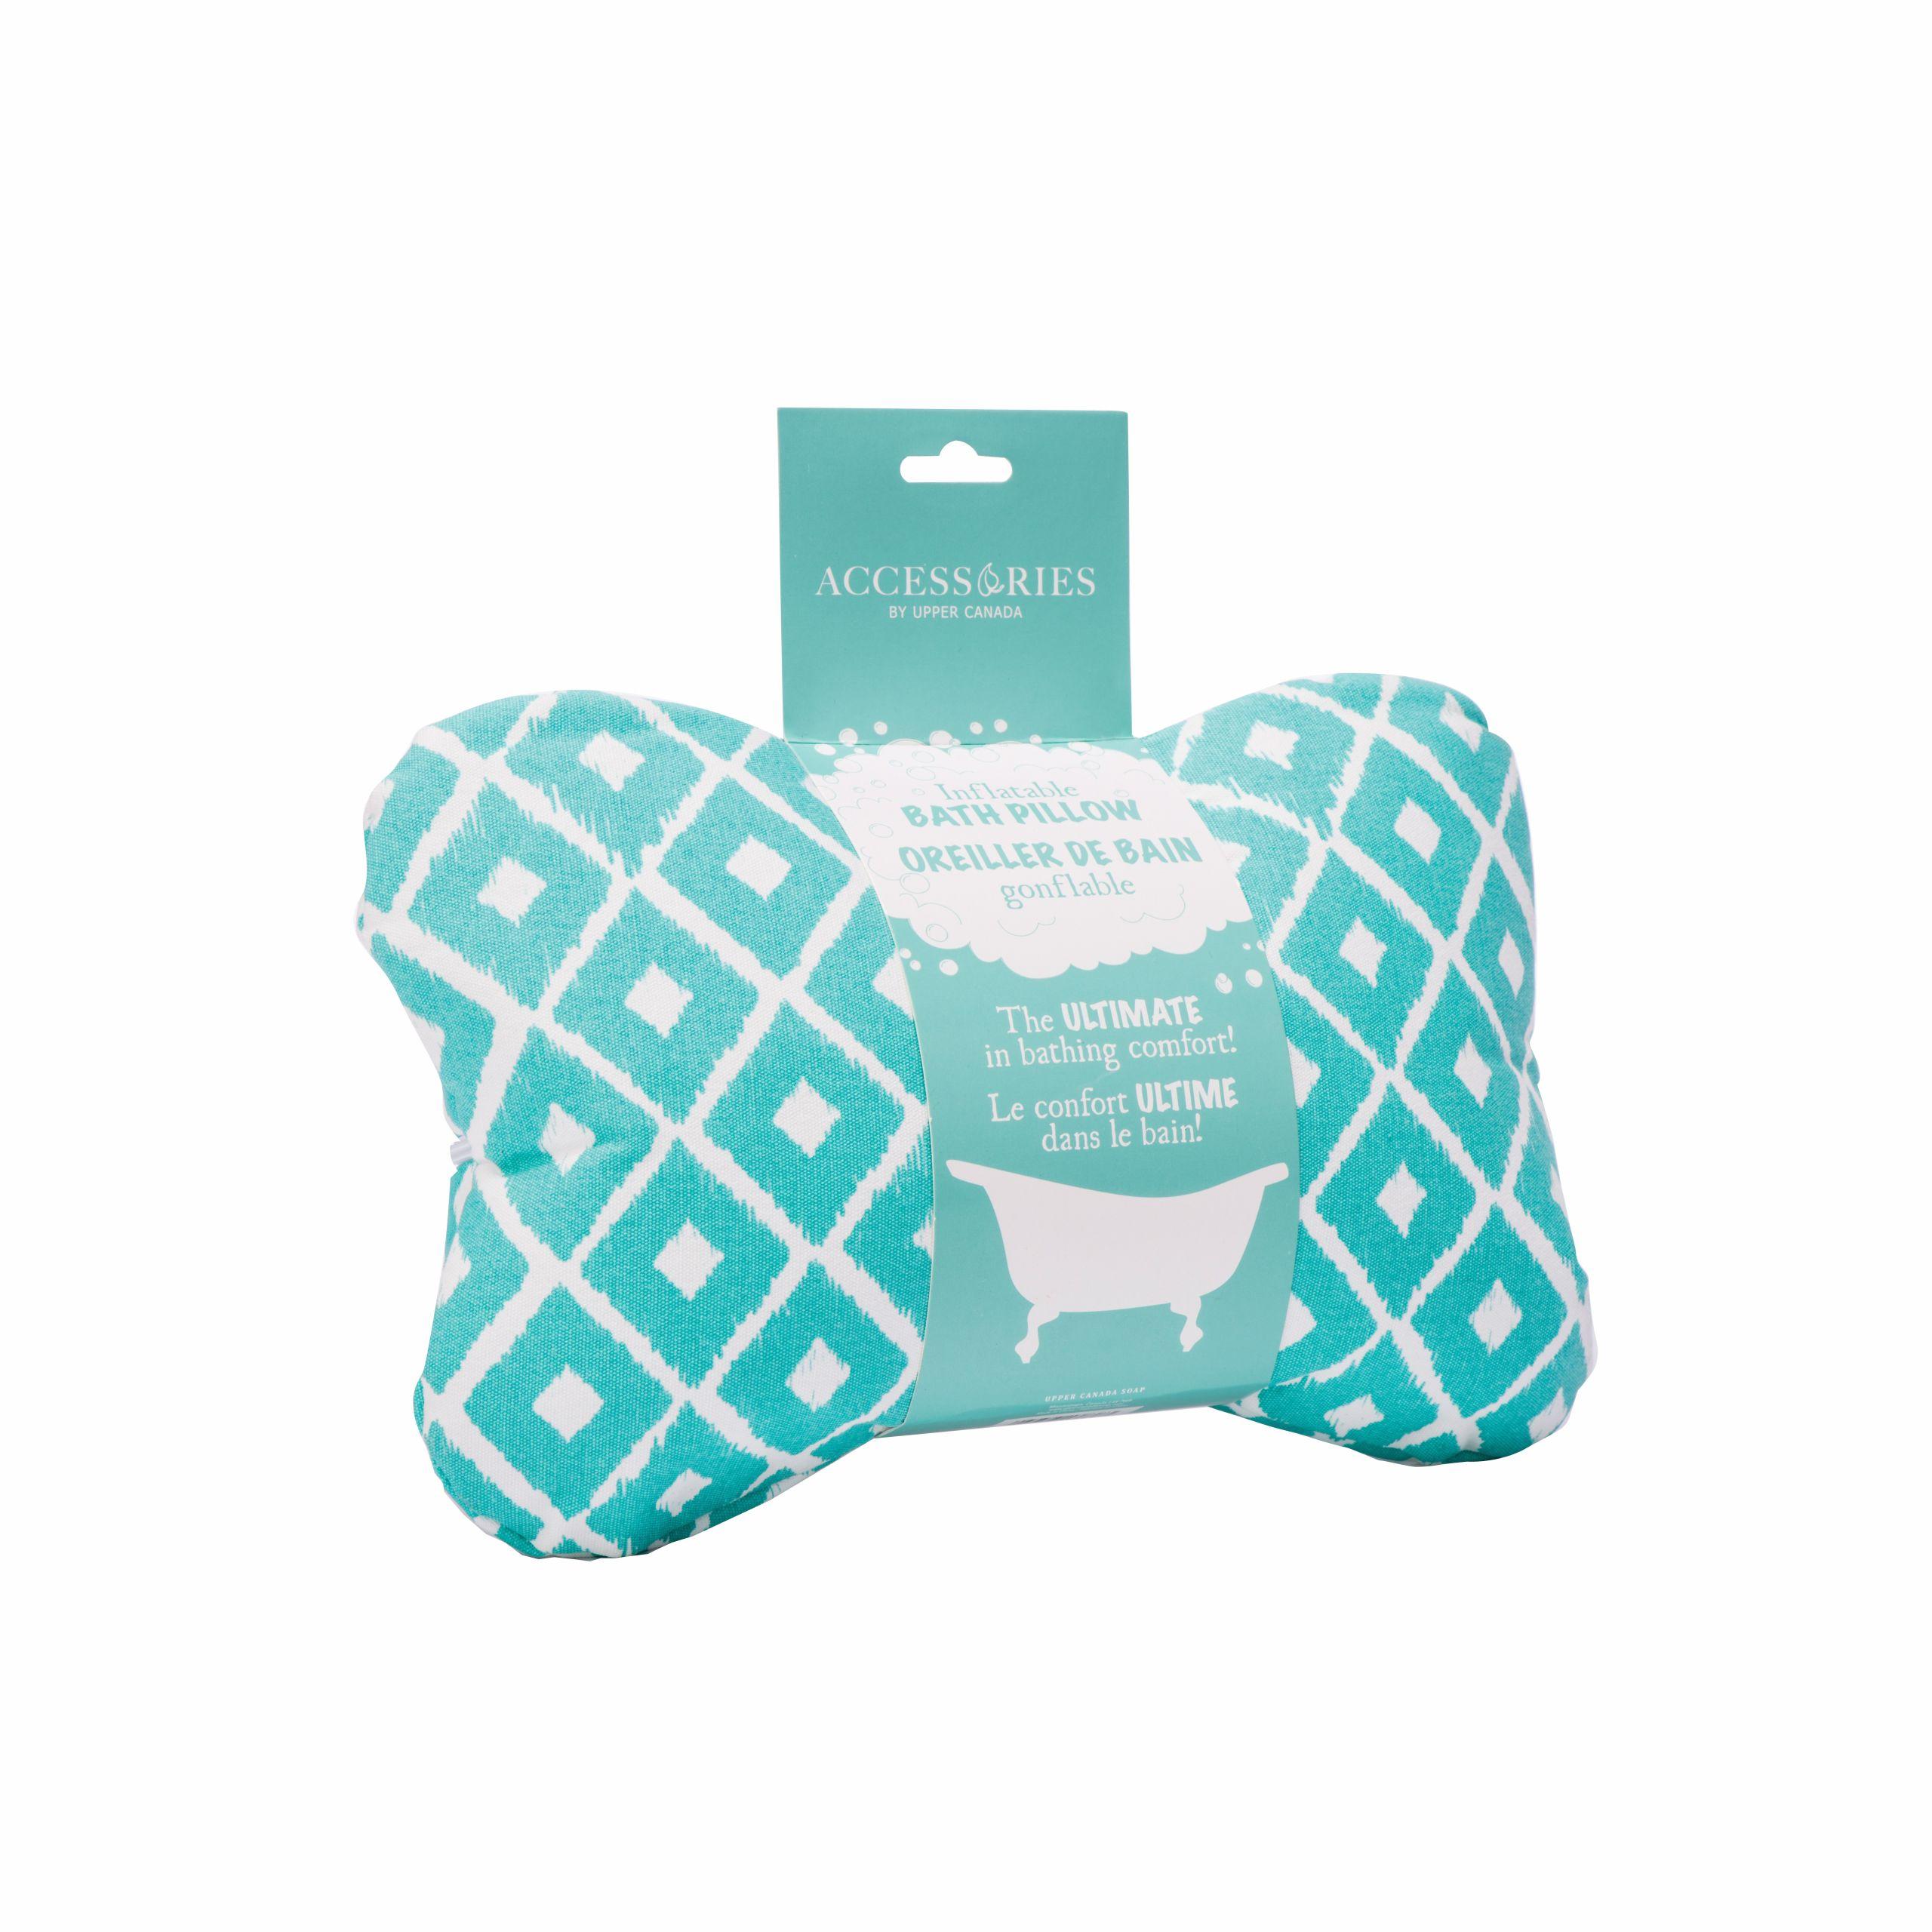 danielle bath accessories inflatable bath pillow blue mosaic